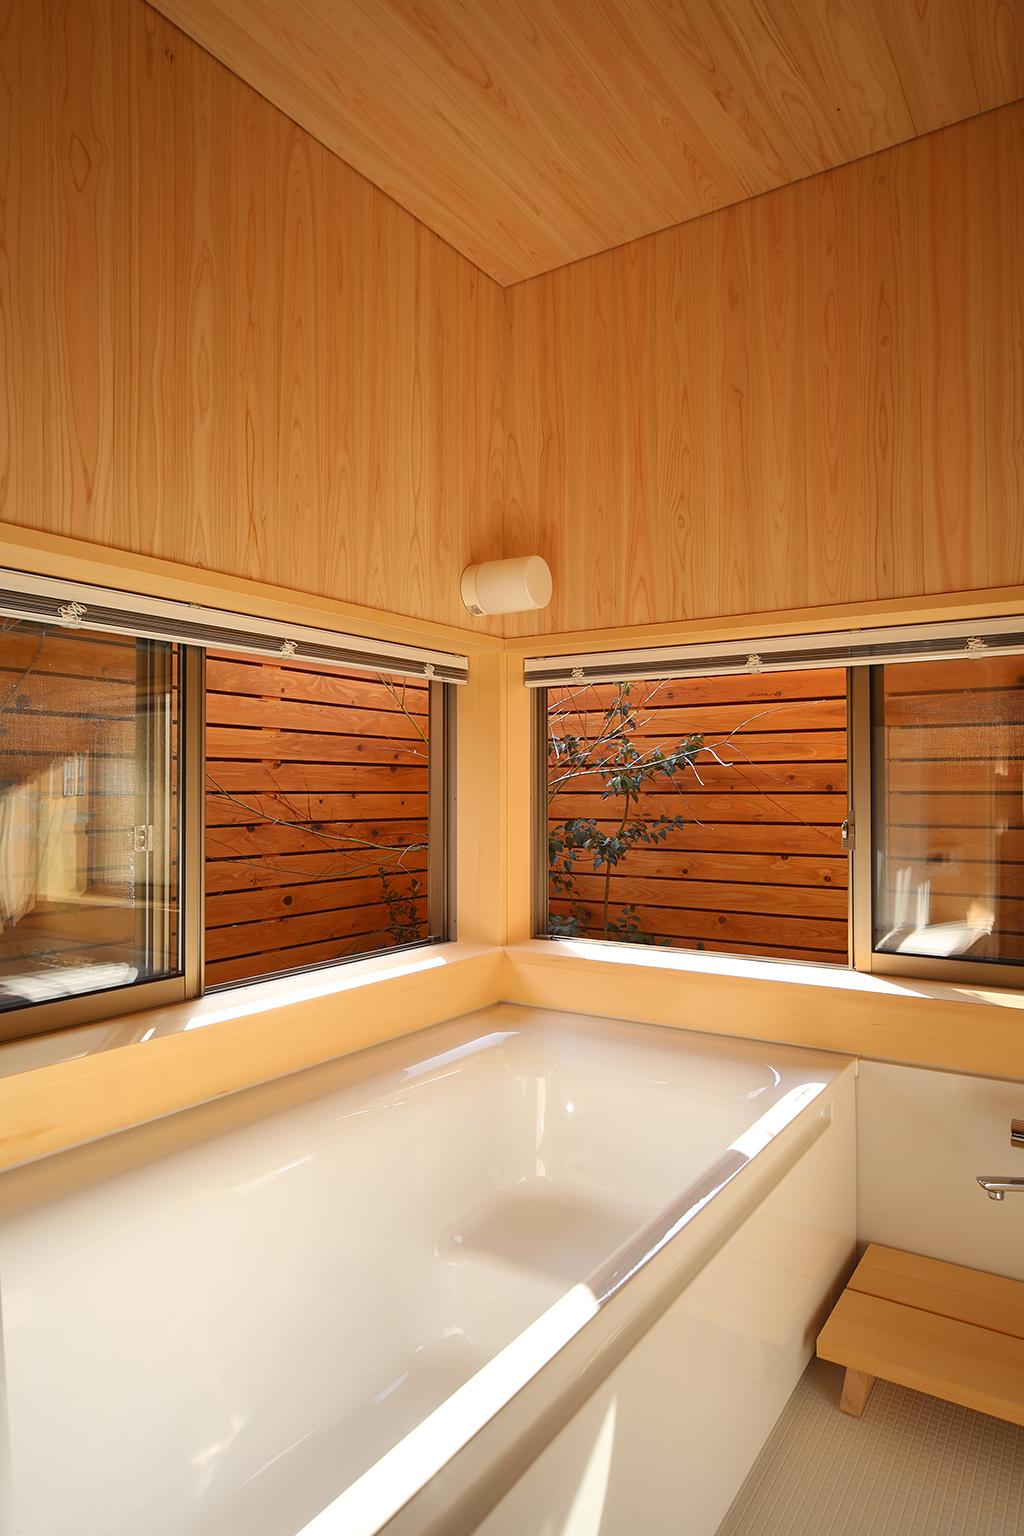 『播磨の連屋』桧貼りの浴室